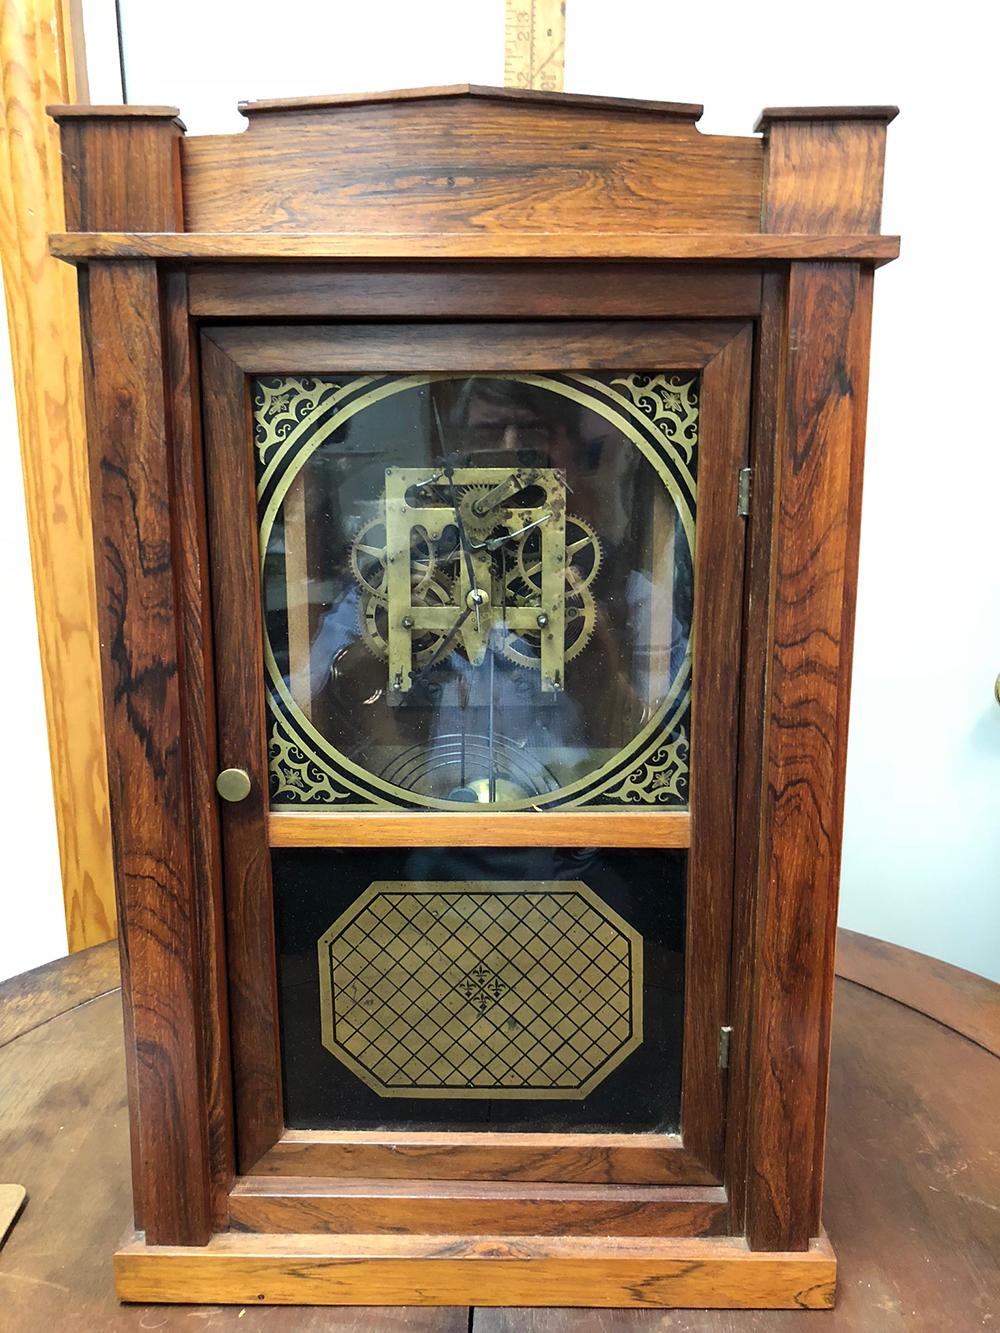 Waterbury Clock Company Mantel Clock